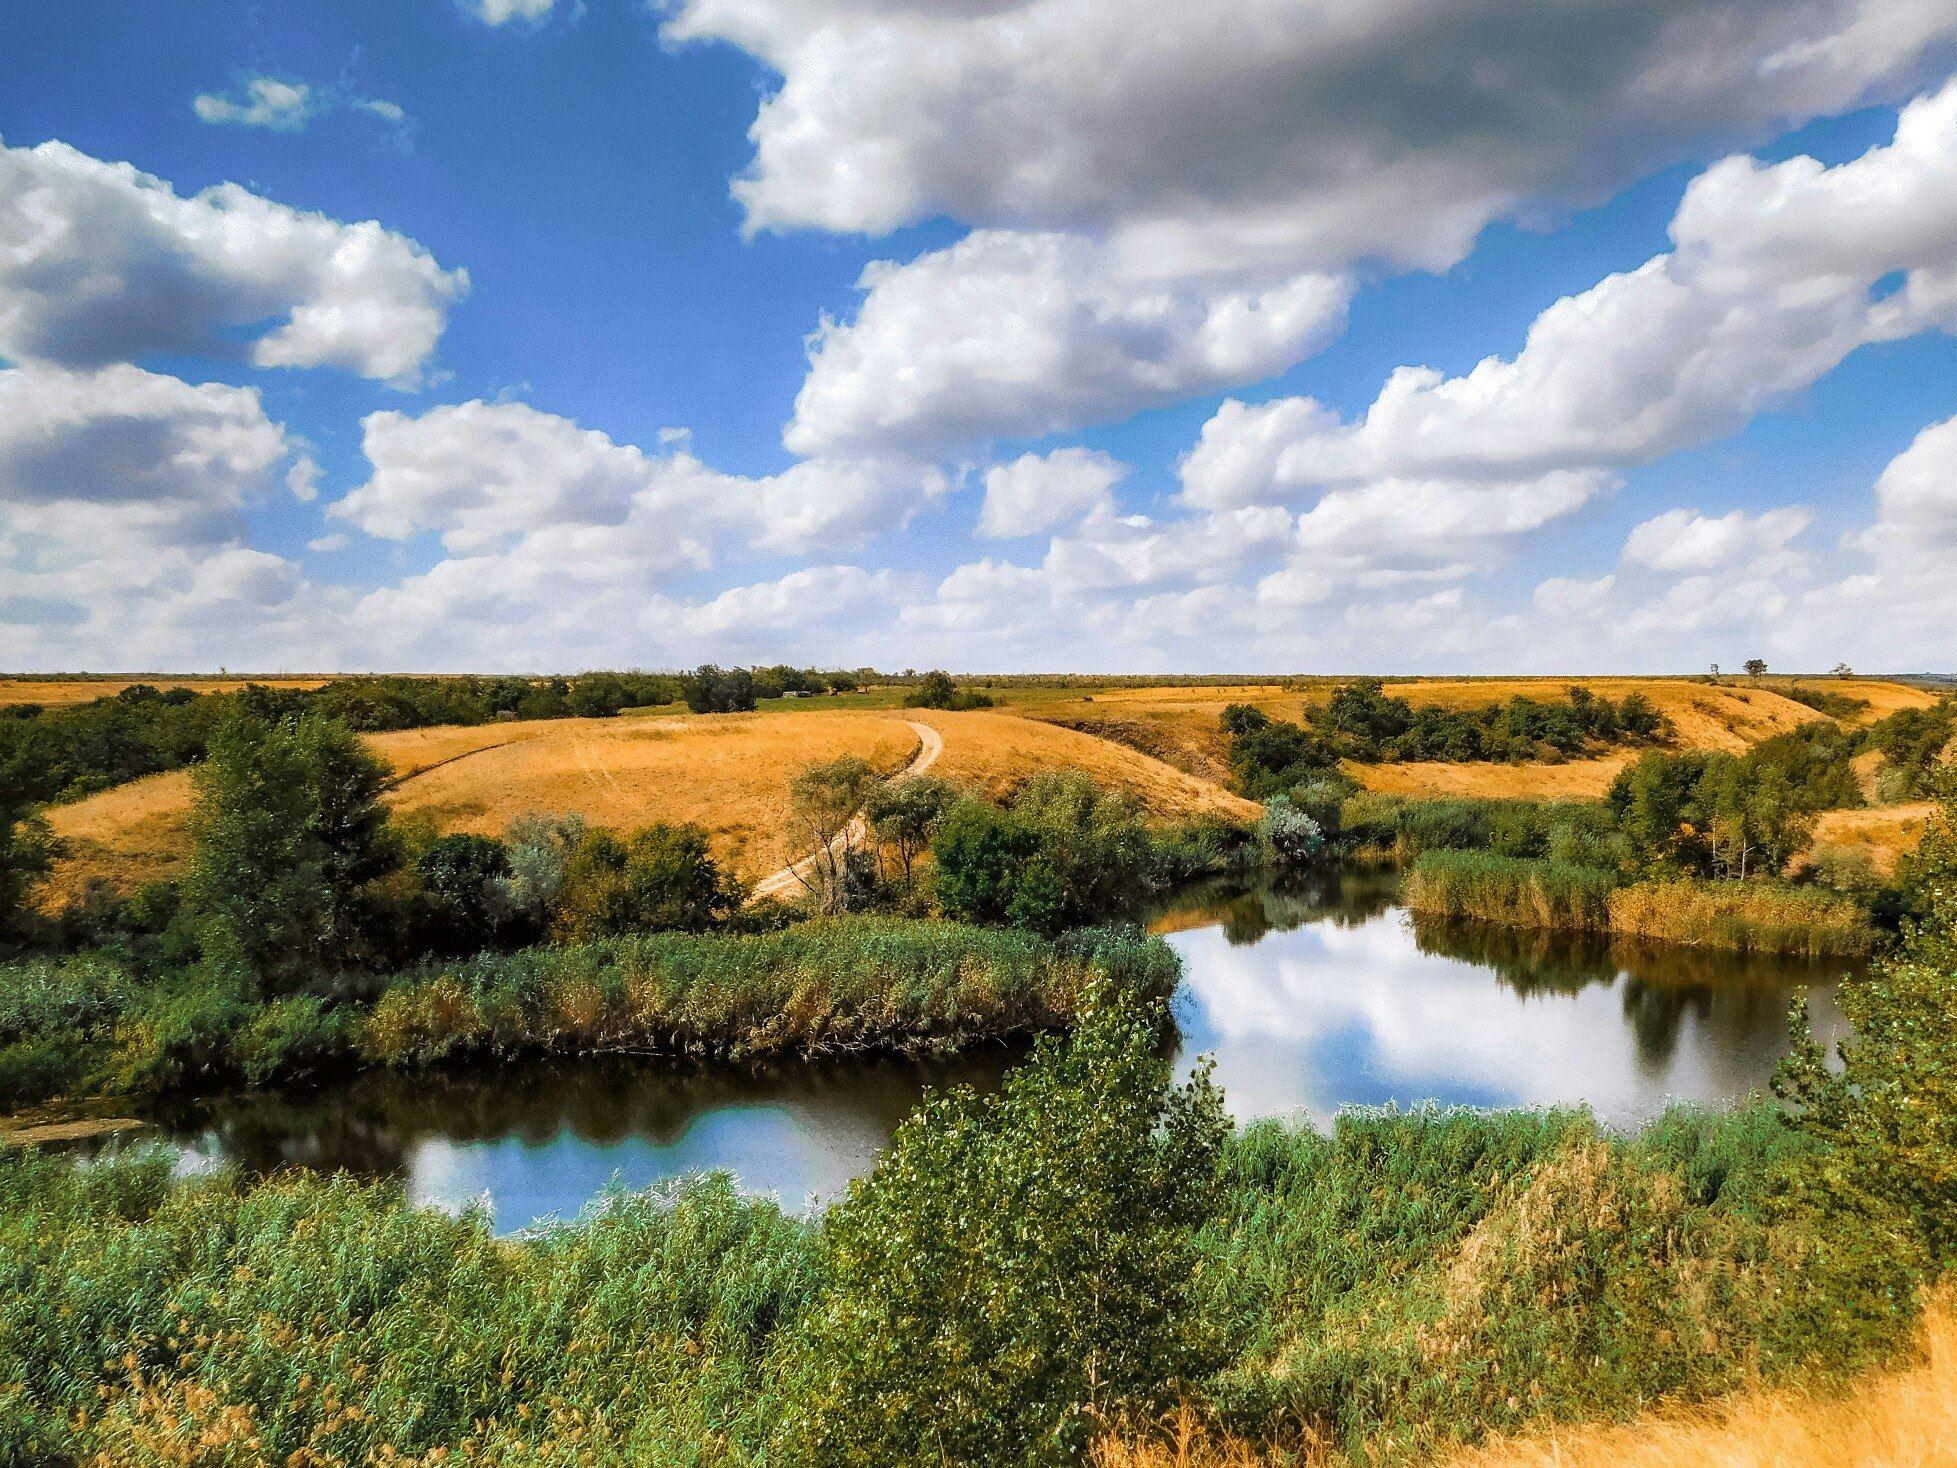 фото и картинки волгоградской области или частичное копирование